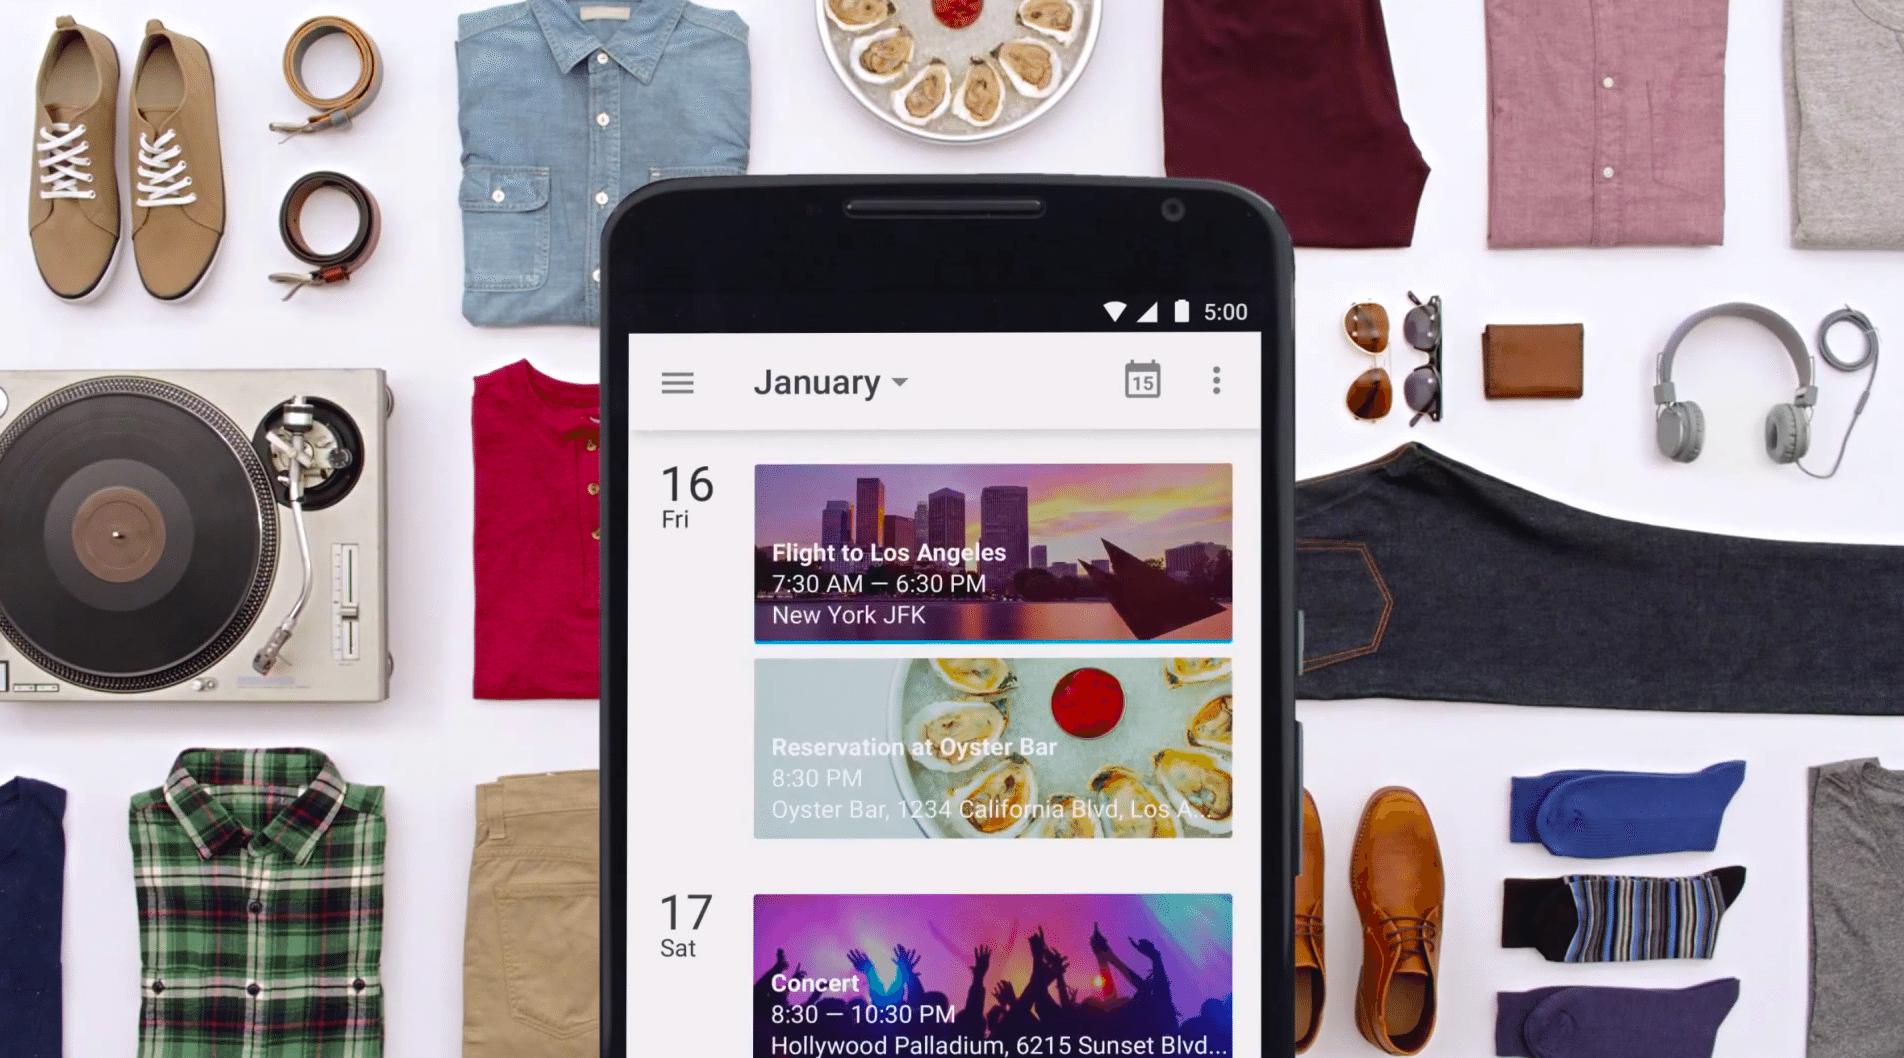 Google Now compatibile con tutte le applicazioni Android